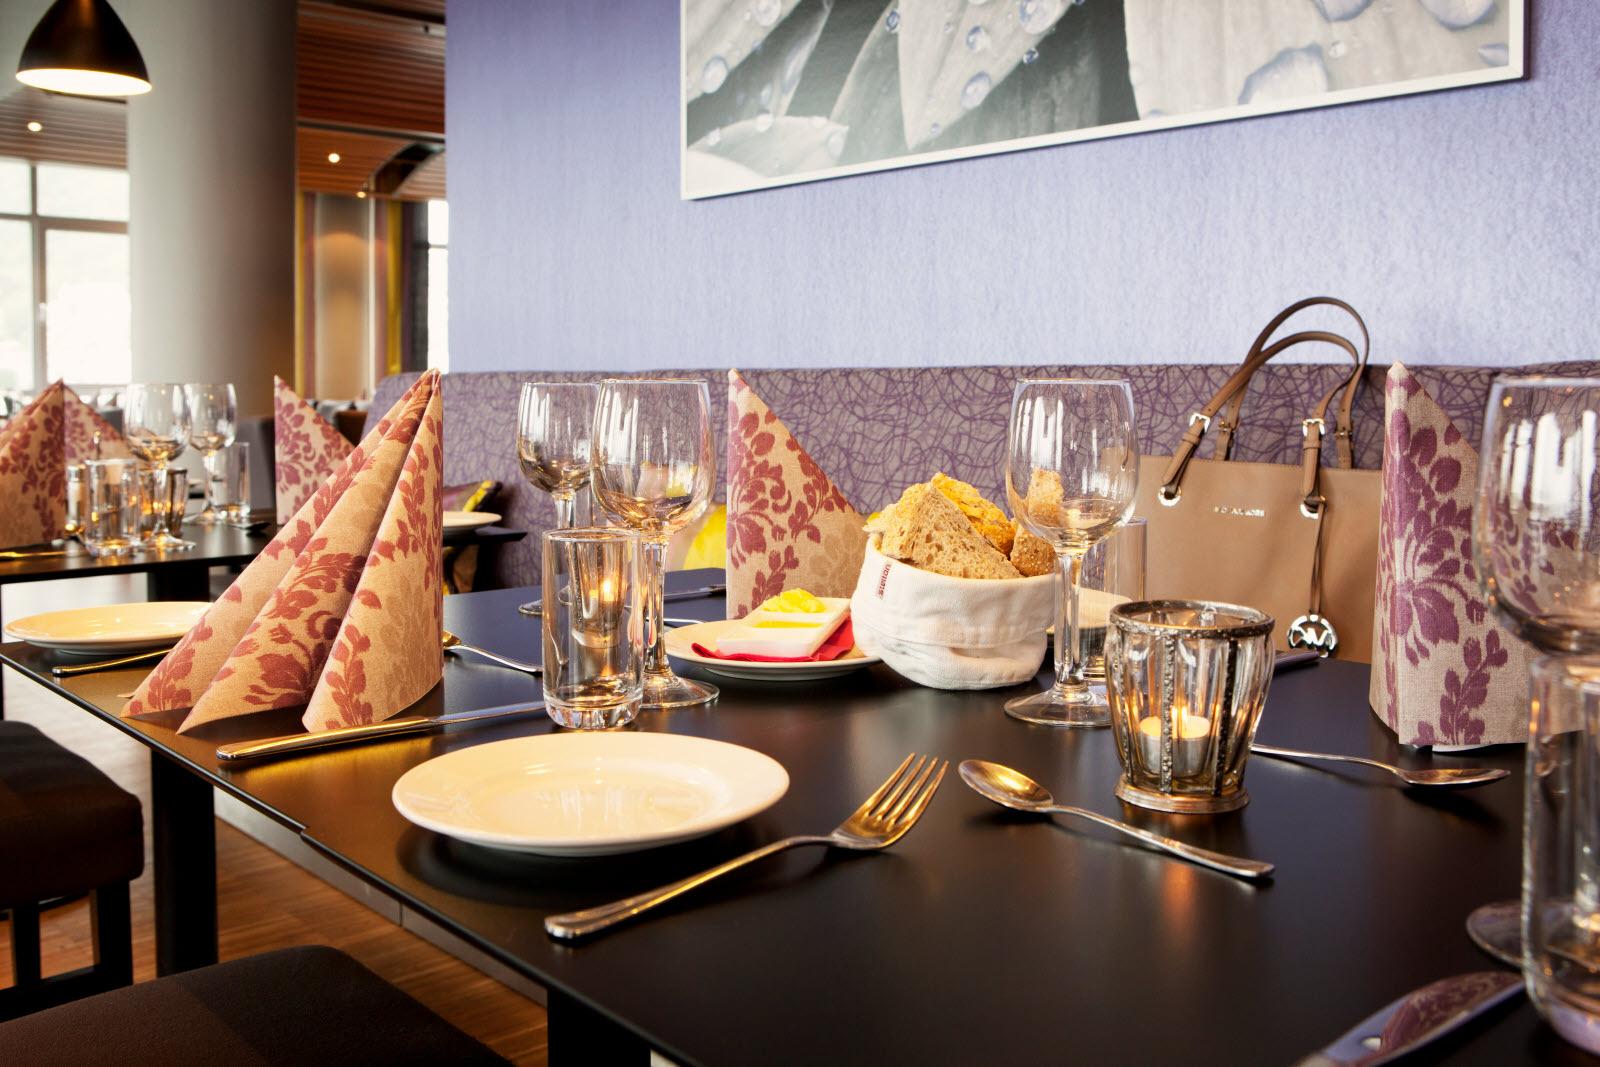 Scandic-Alesund-Interior-Scandic-Alesund-restauran.jpg